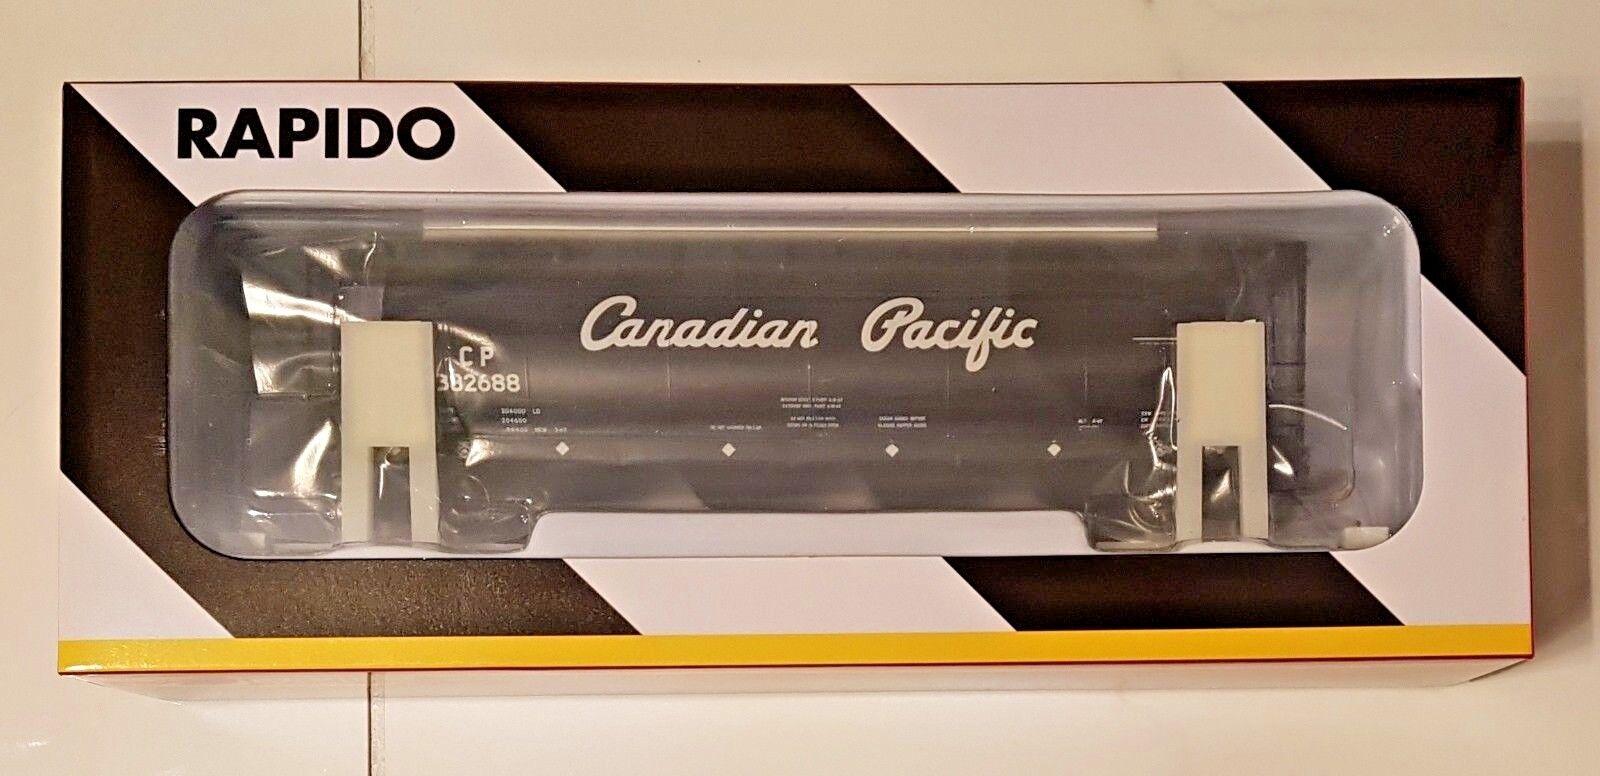 Envío rápido y el mejor servicio Rapido 1 87 Ho Canadian Pacific 3800 Cu. ft. Tolva Tolva Tolva cilíndrica Rd   382688 F S  ahorra hasta un 70%